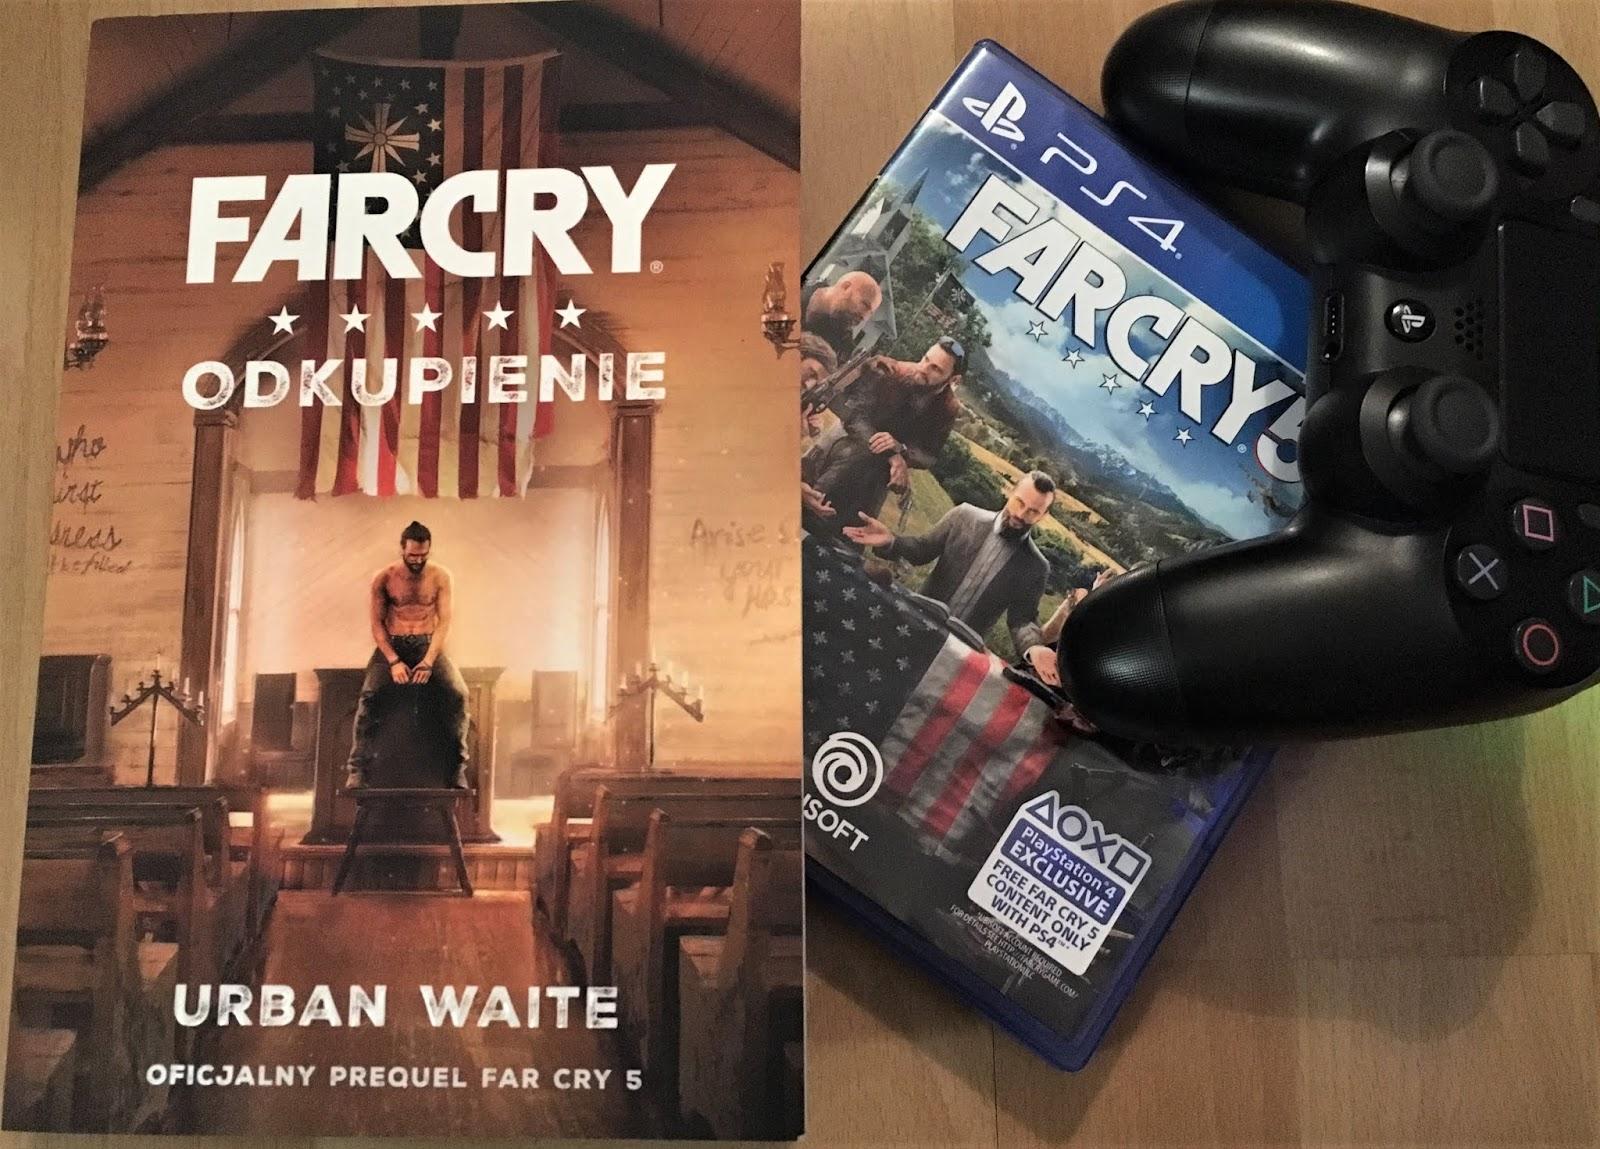 """Odwiedźcie Fall's End, czyli recenzja """"Far Cry: Odkupienie"""" - Urban Wait."""